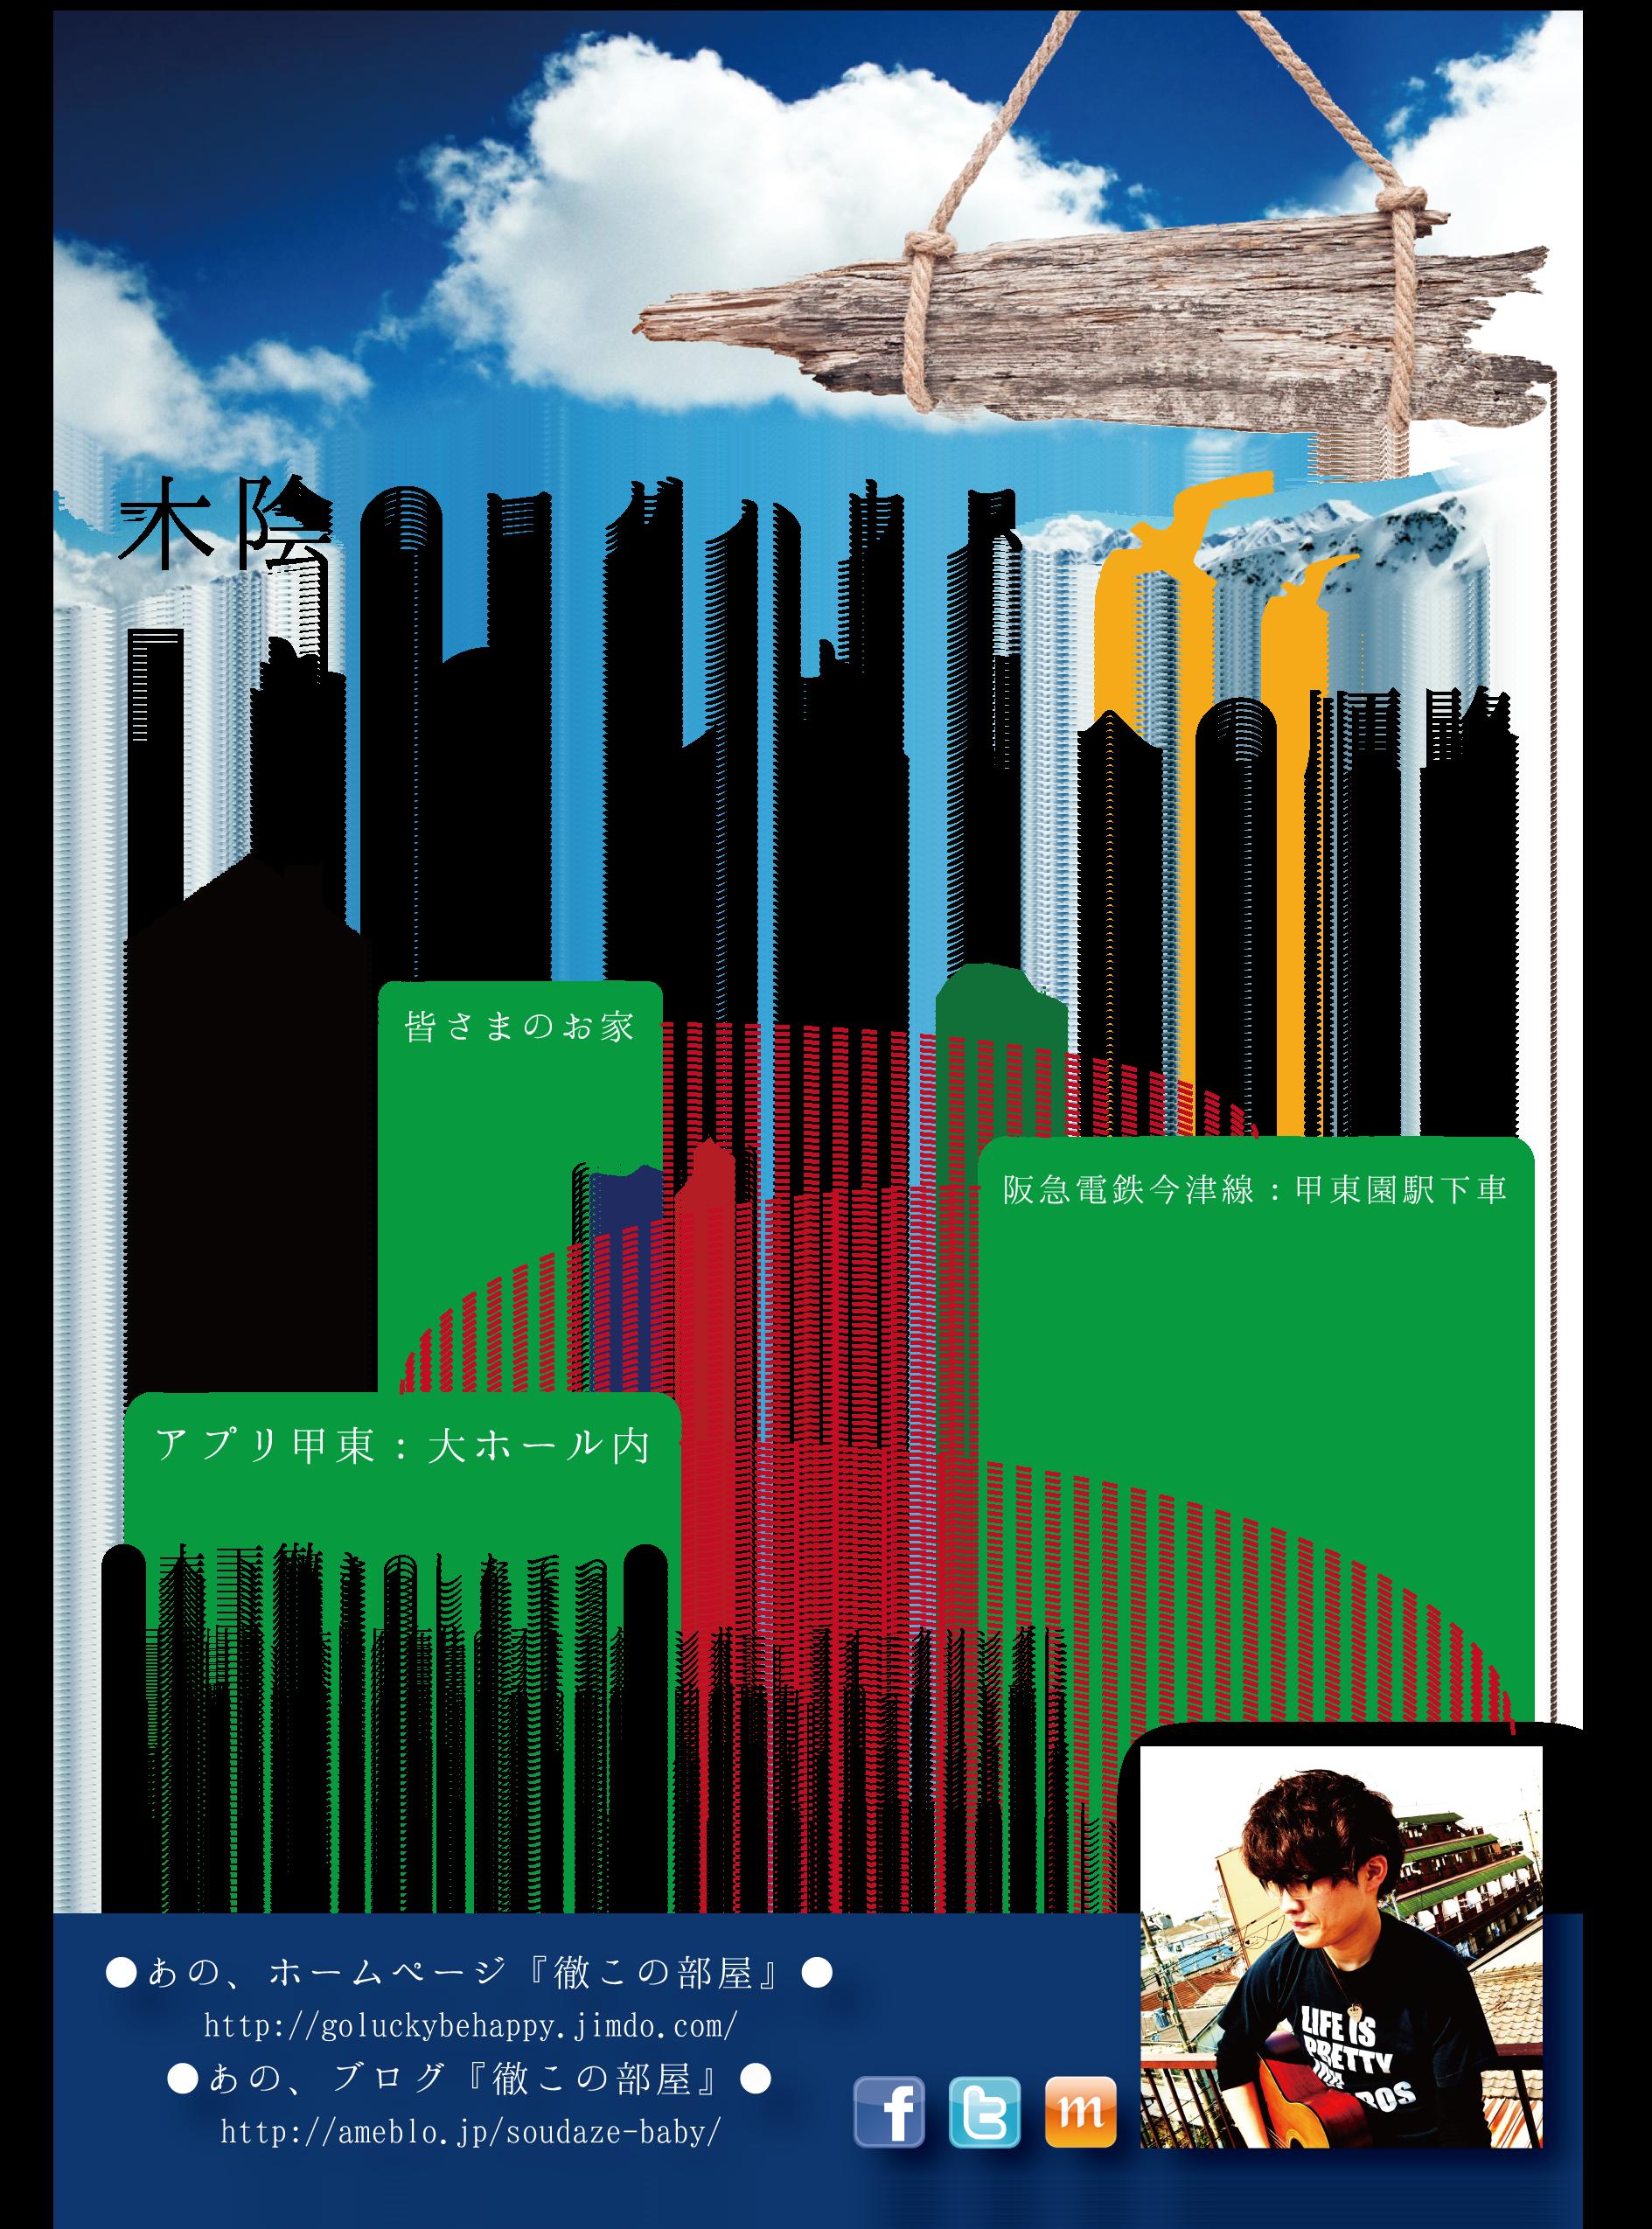 2014.07.11『木陰のログハウス『きのした』での一日。~初夏~』@アプリ甲東大ホール(兵庫):フライヤーA5裏クリッピング